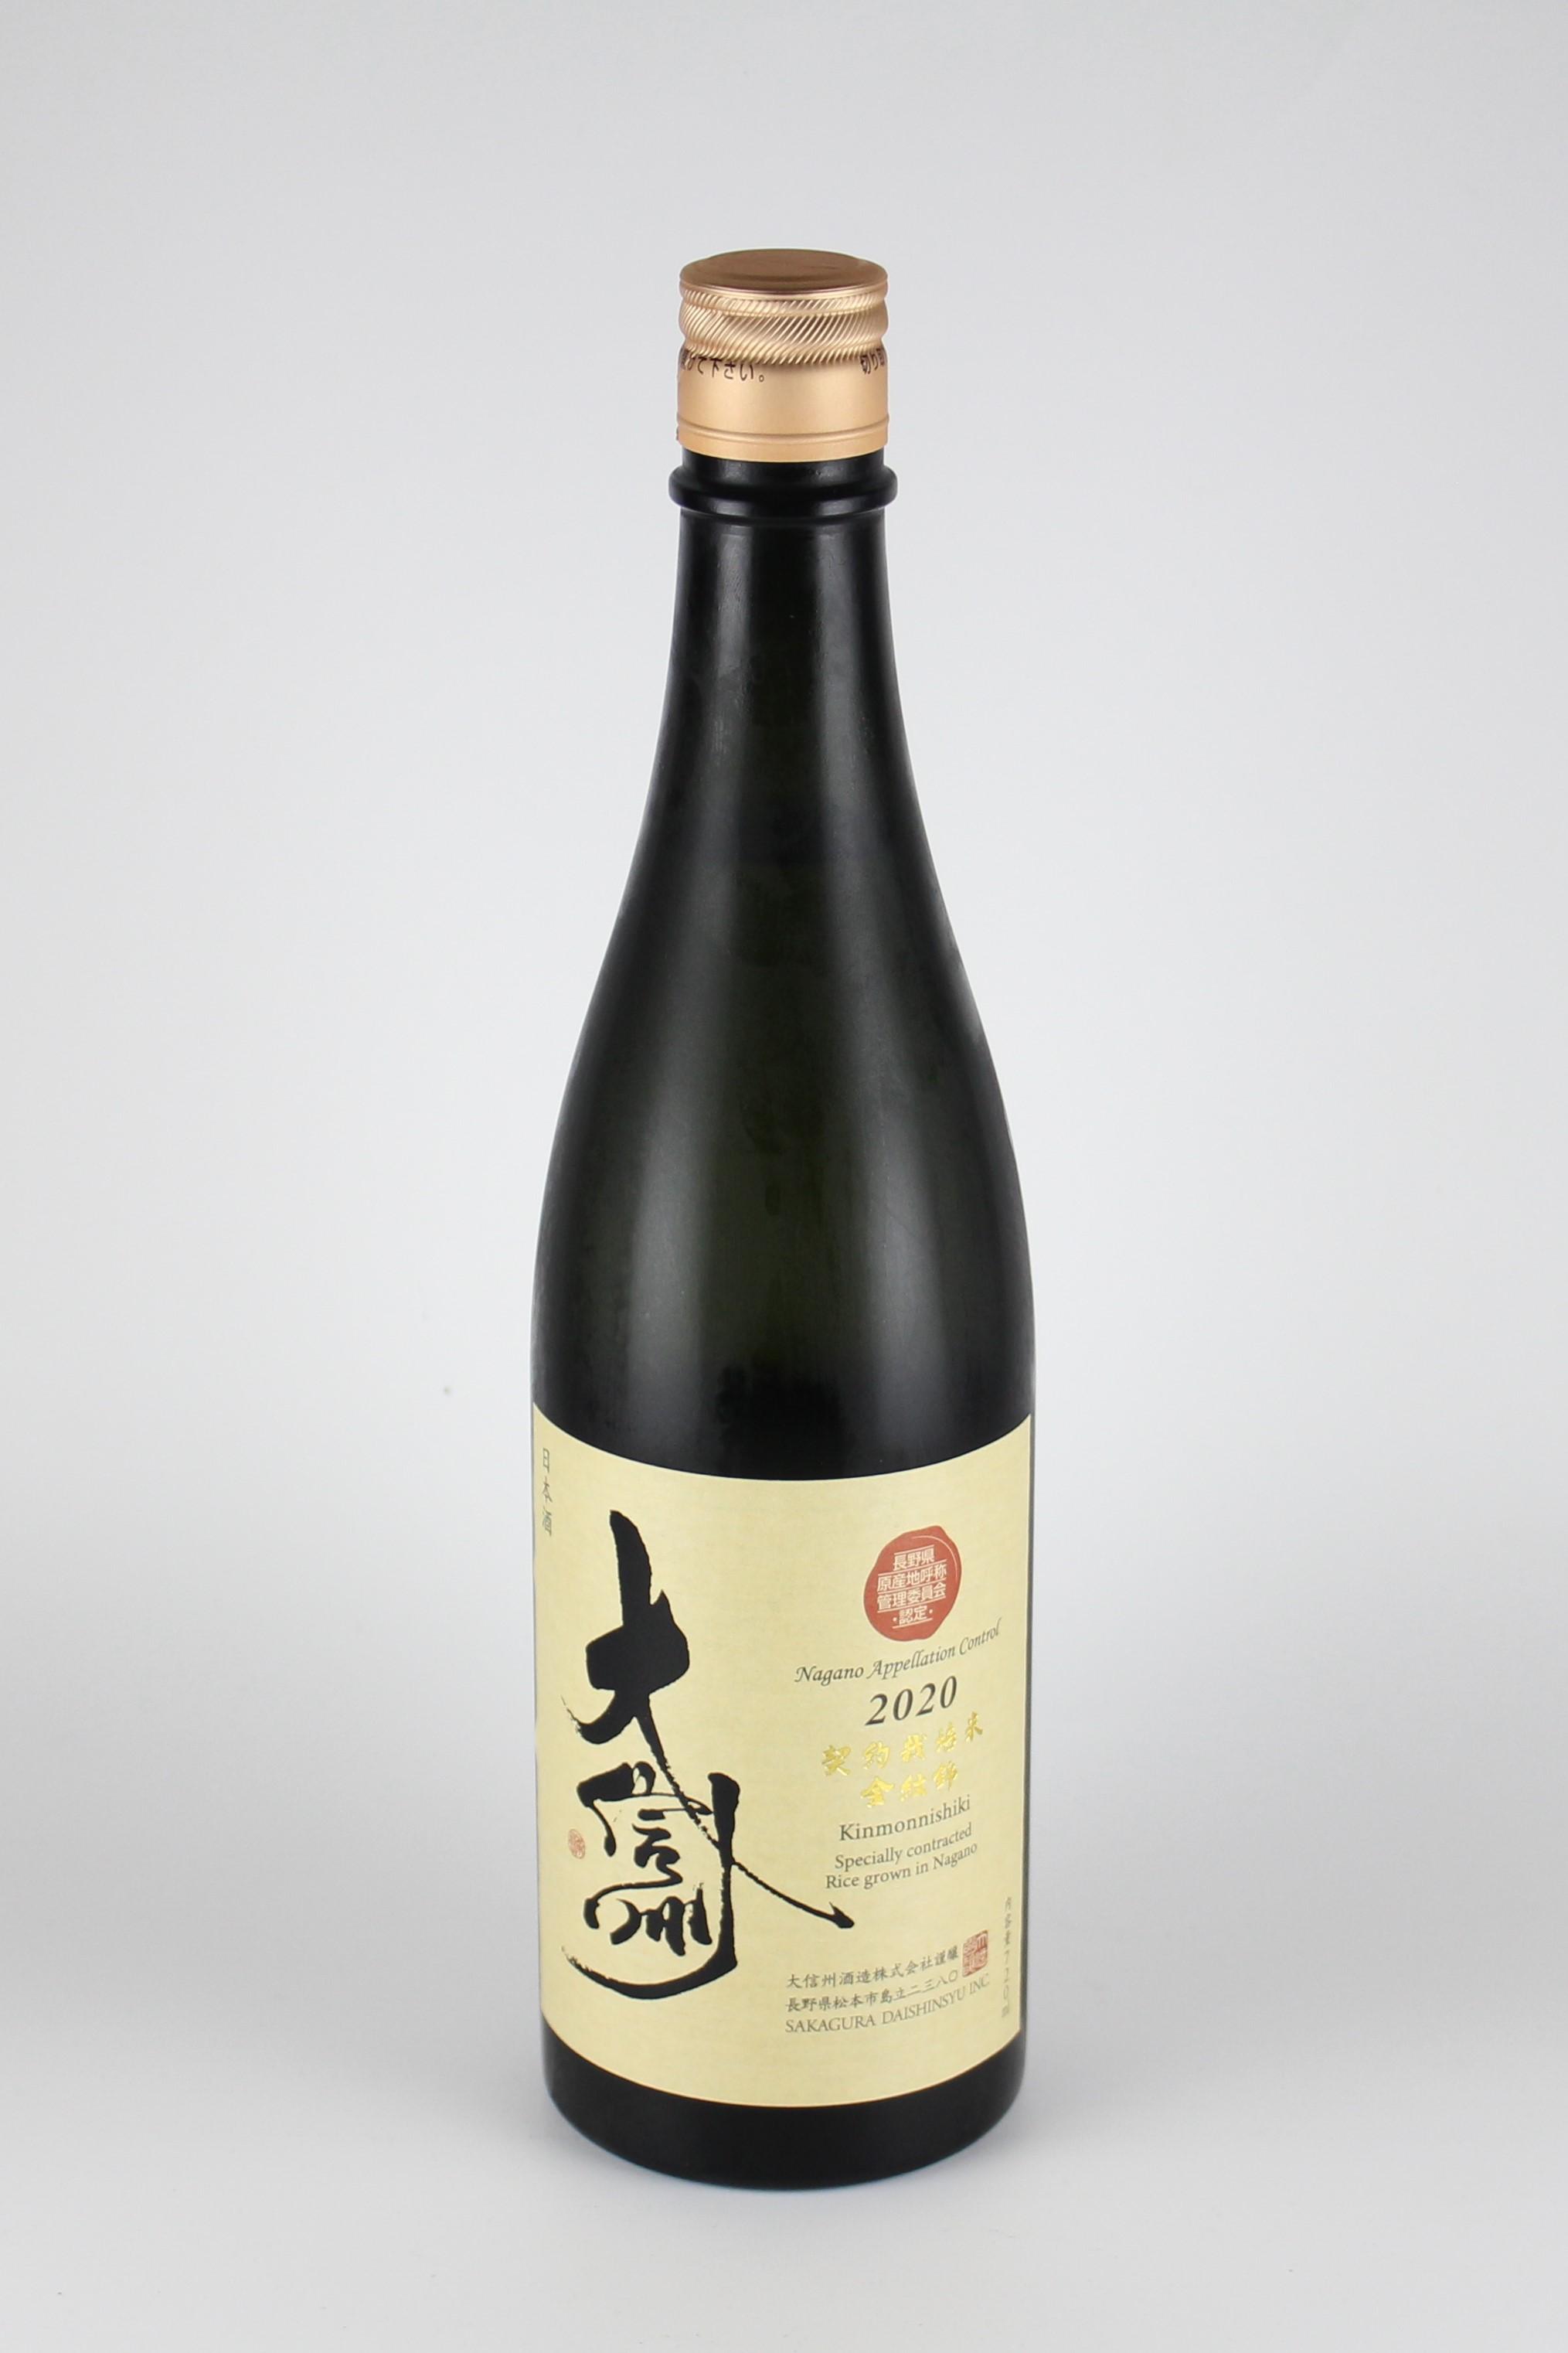 大信州 N.A.C. 純米大吟醸瓶貯蔵 金紋錦 720ml 【長野/大信州酒造】